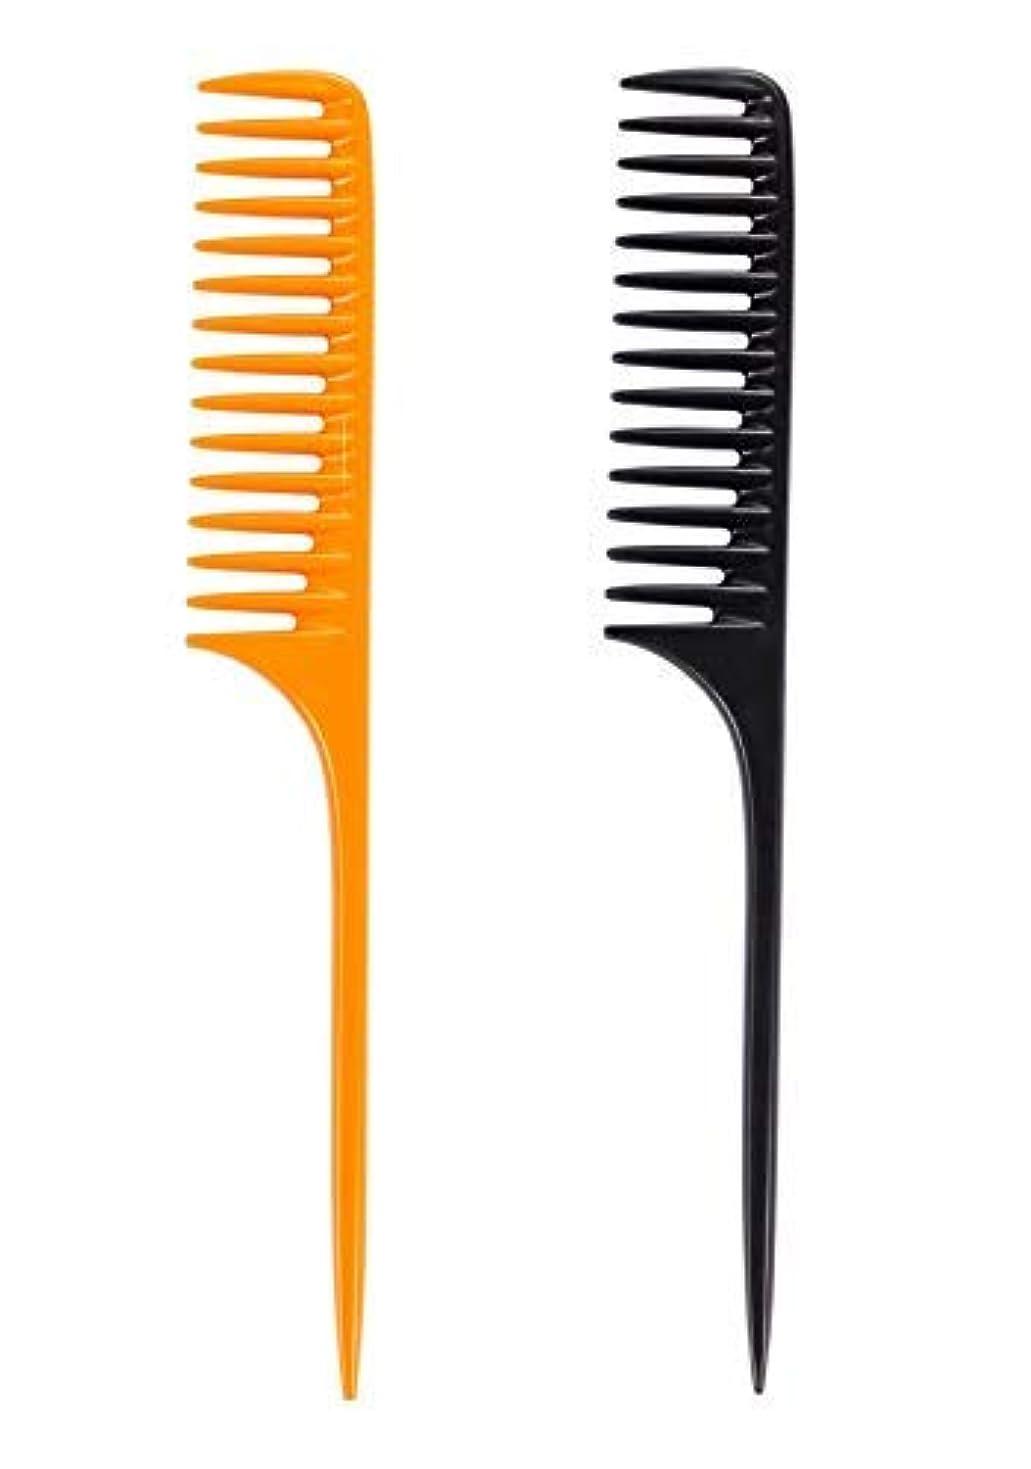 マグくちばしクリアLouise Maelys 2pcs Wide Tooth Rat Tail Comb for Curly Hair Styling Detangle Hair Combs Black and Yellow [並行輸入品]